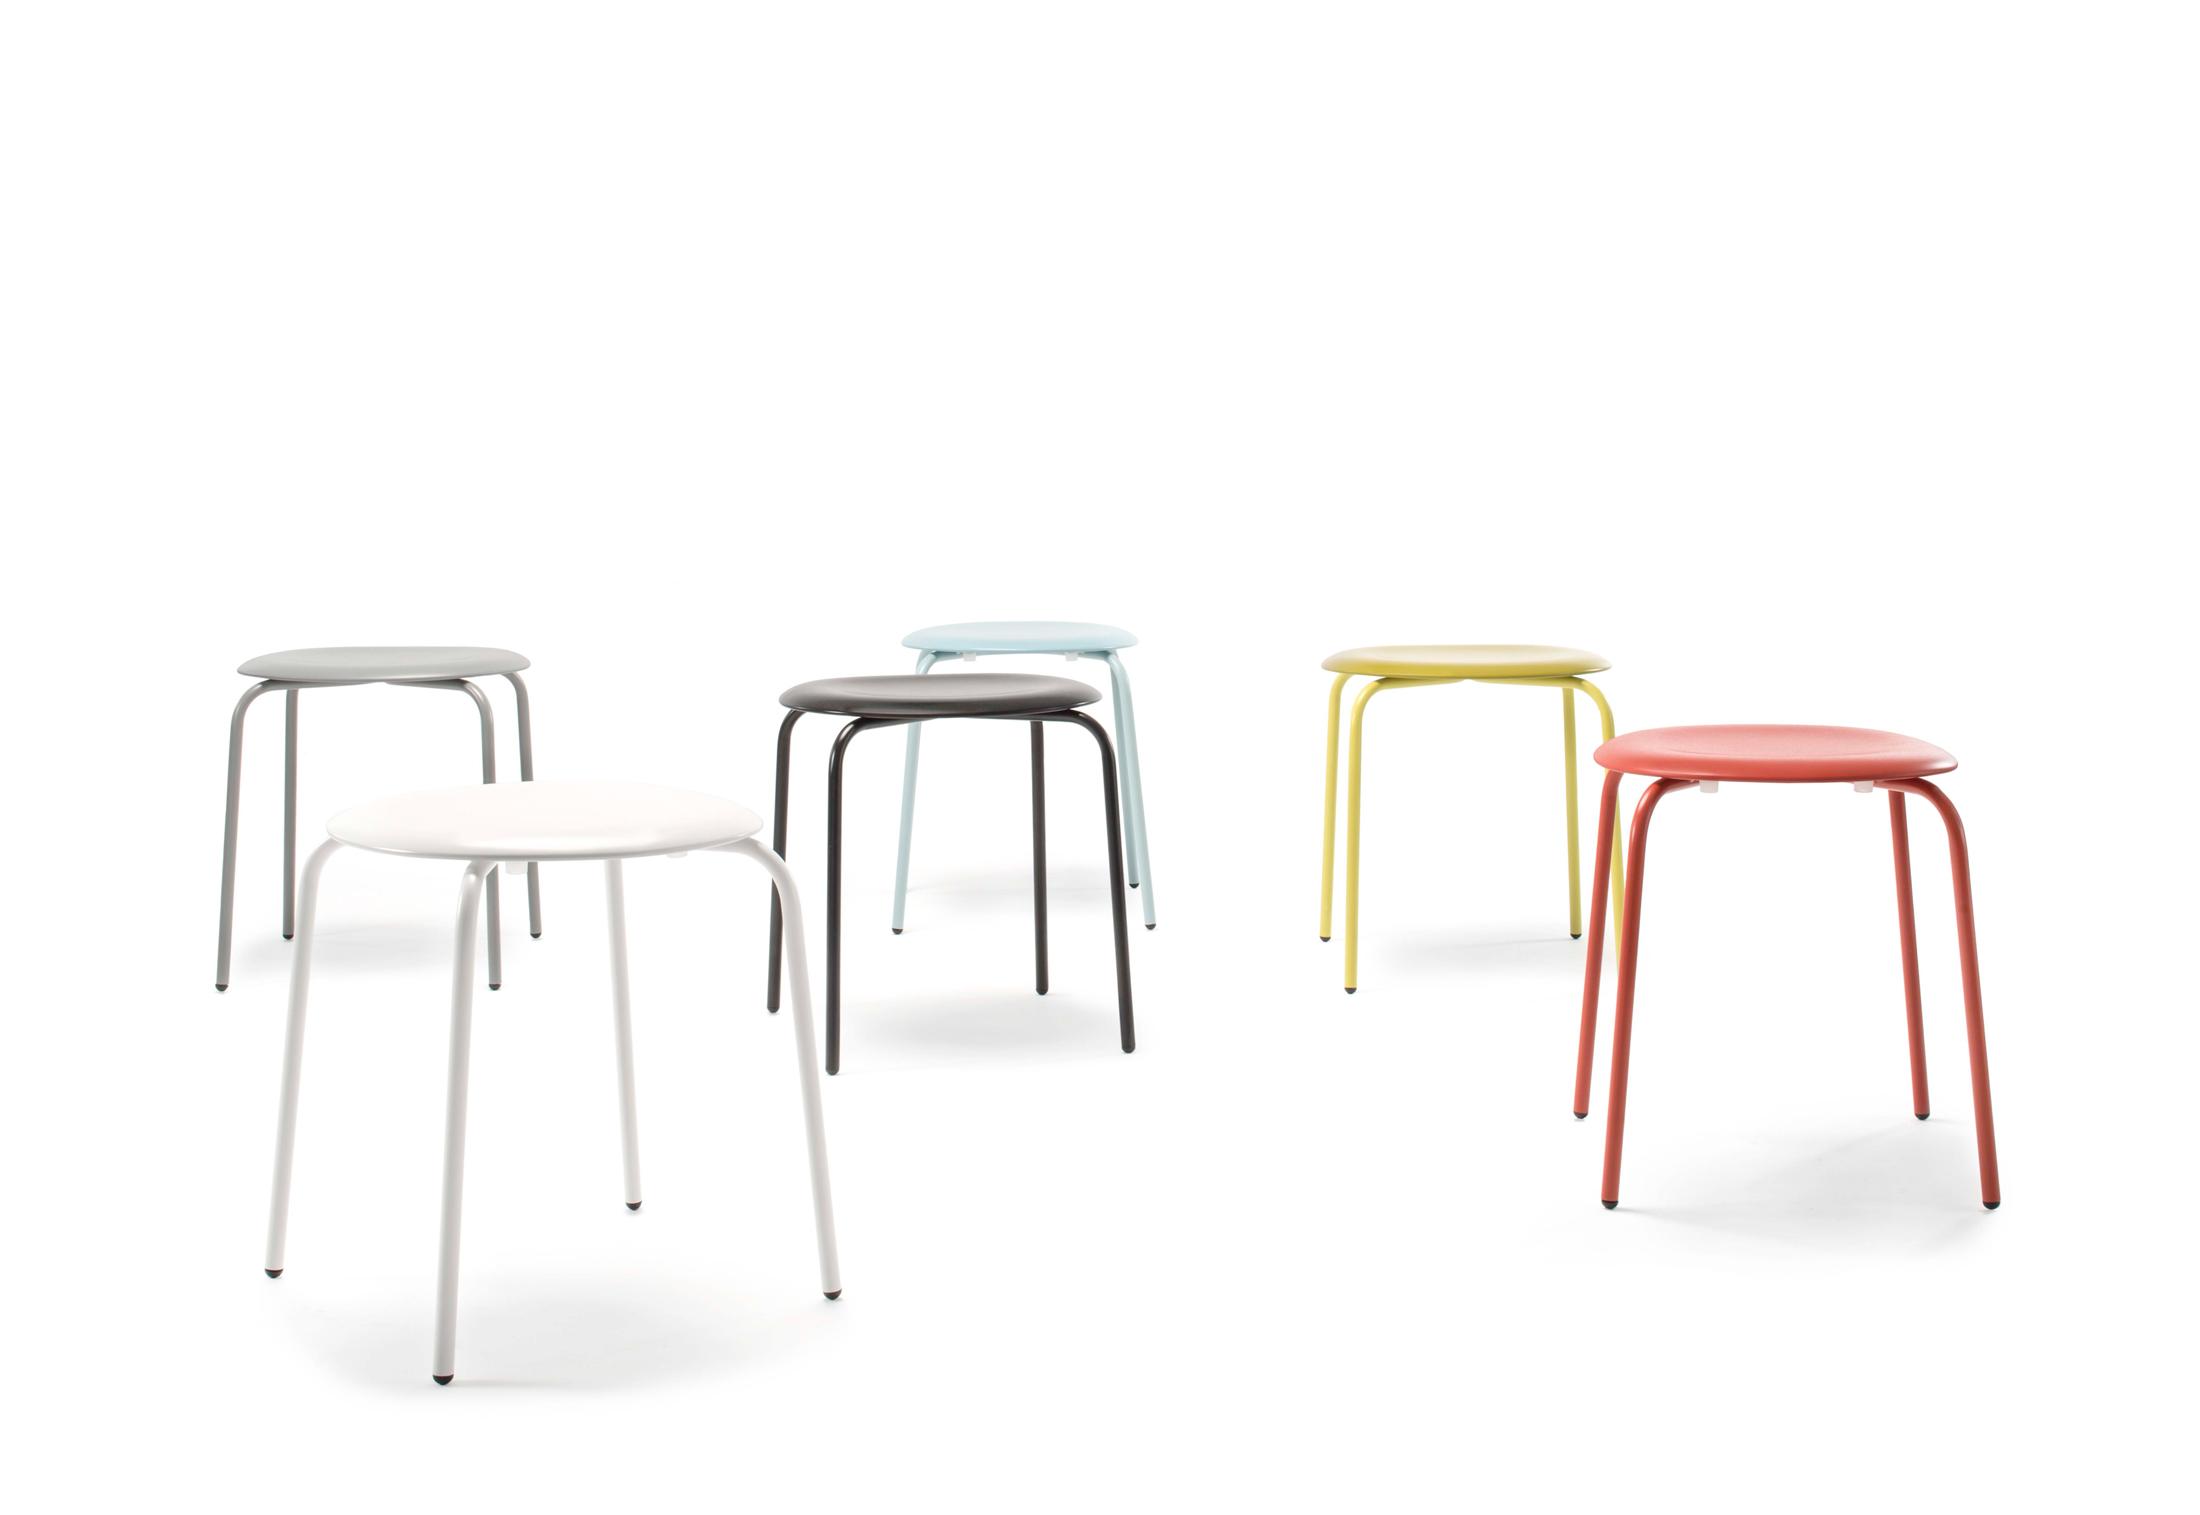 pro stool four